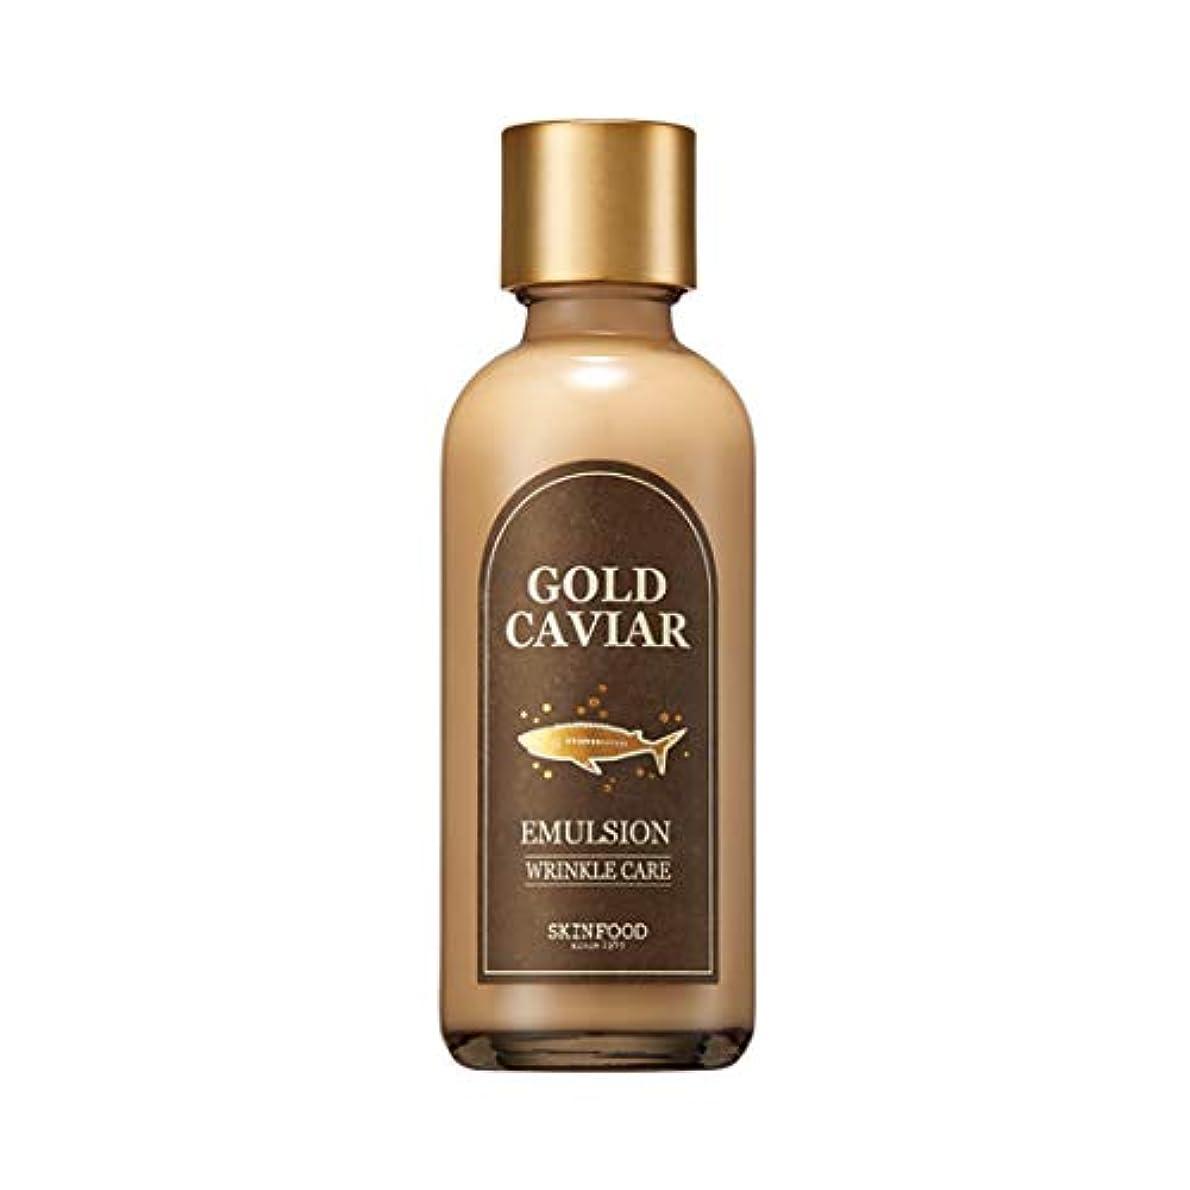 中庭ペチュランス力強いSkinfood ゴールドキャビアエマルジョン(しわケア用化粧品) / Gold Caviar Emulsion (Cosmeceutical for wrinkle care) 160ml [並行輸入品]